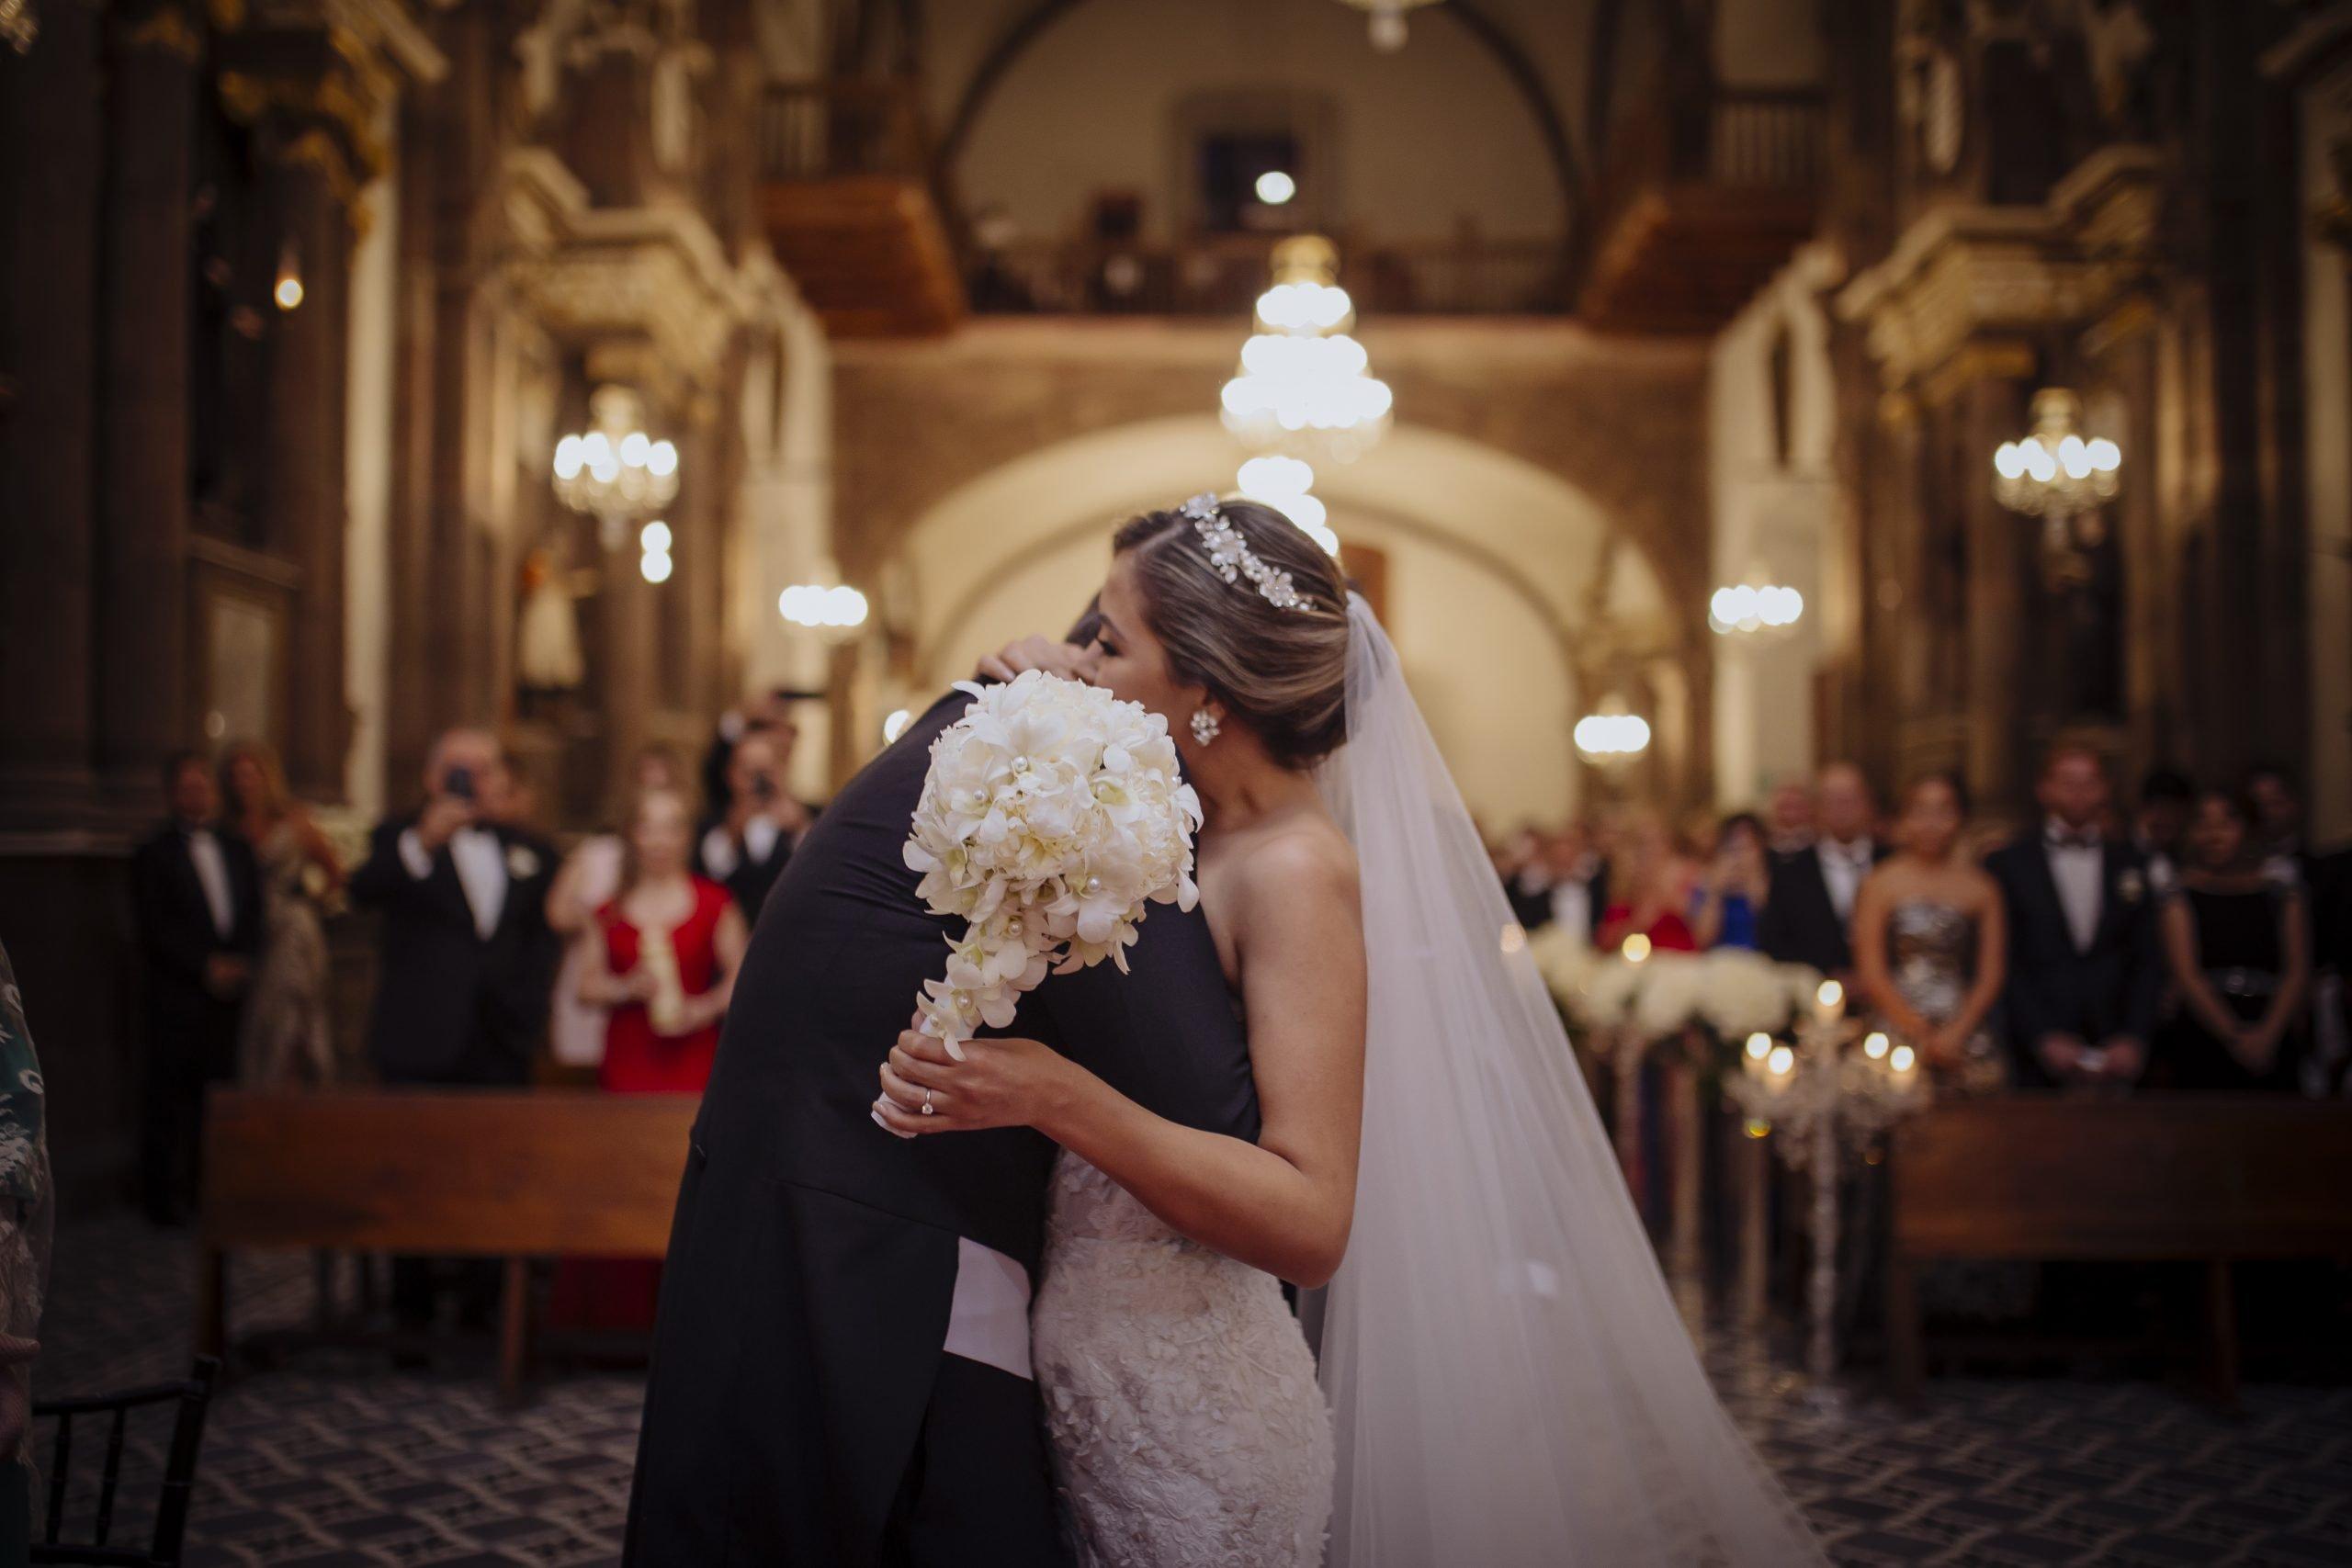 consejeros matrimoniales